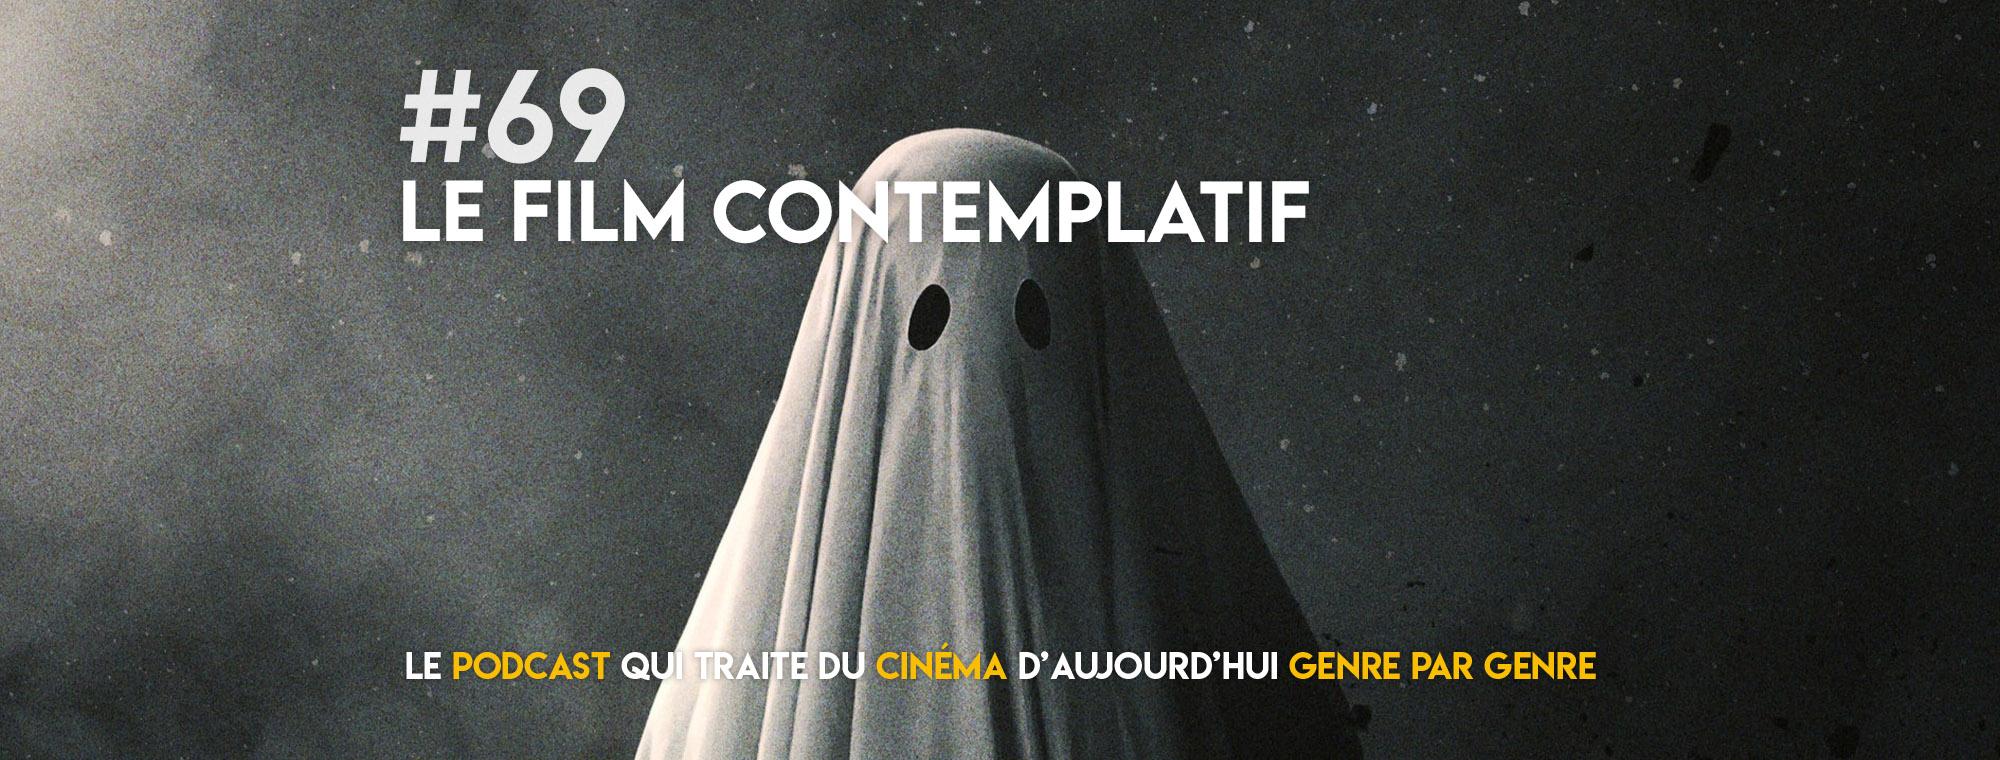 Parlons Péloches - #69 Le film contemplatif